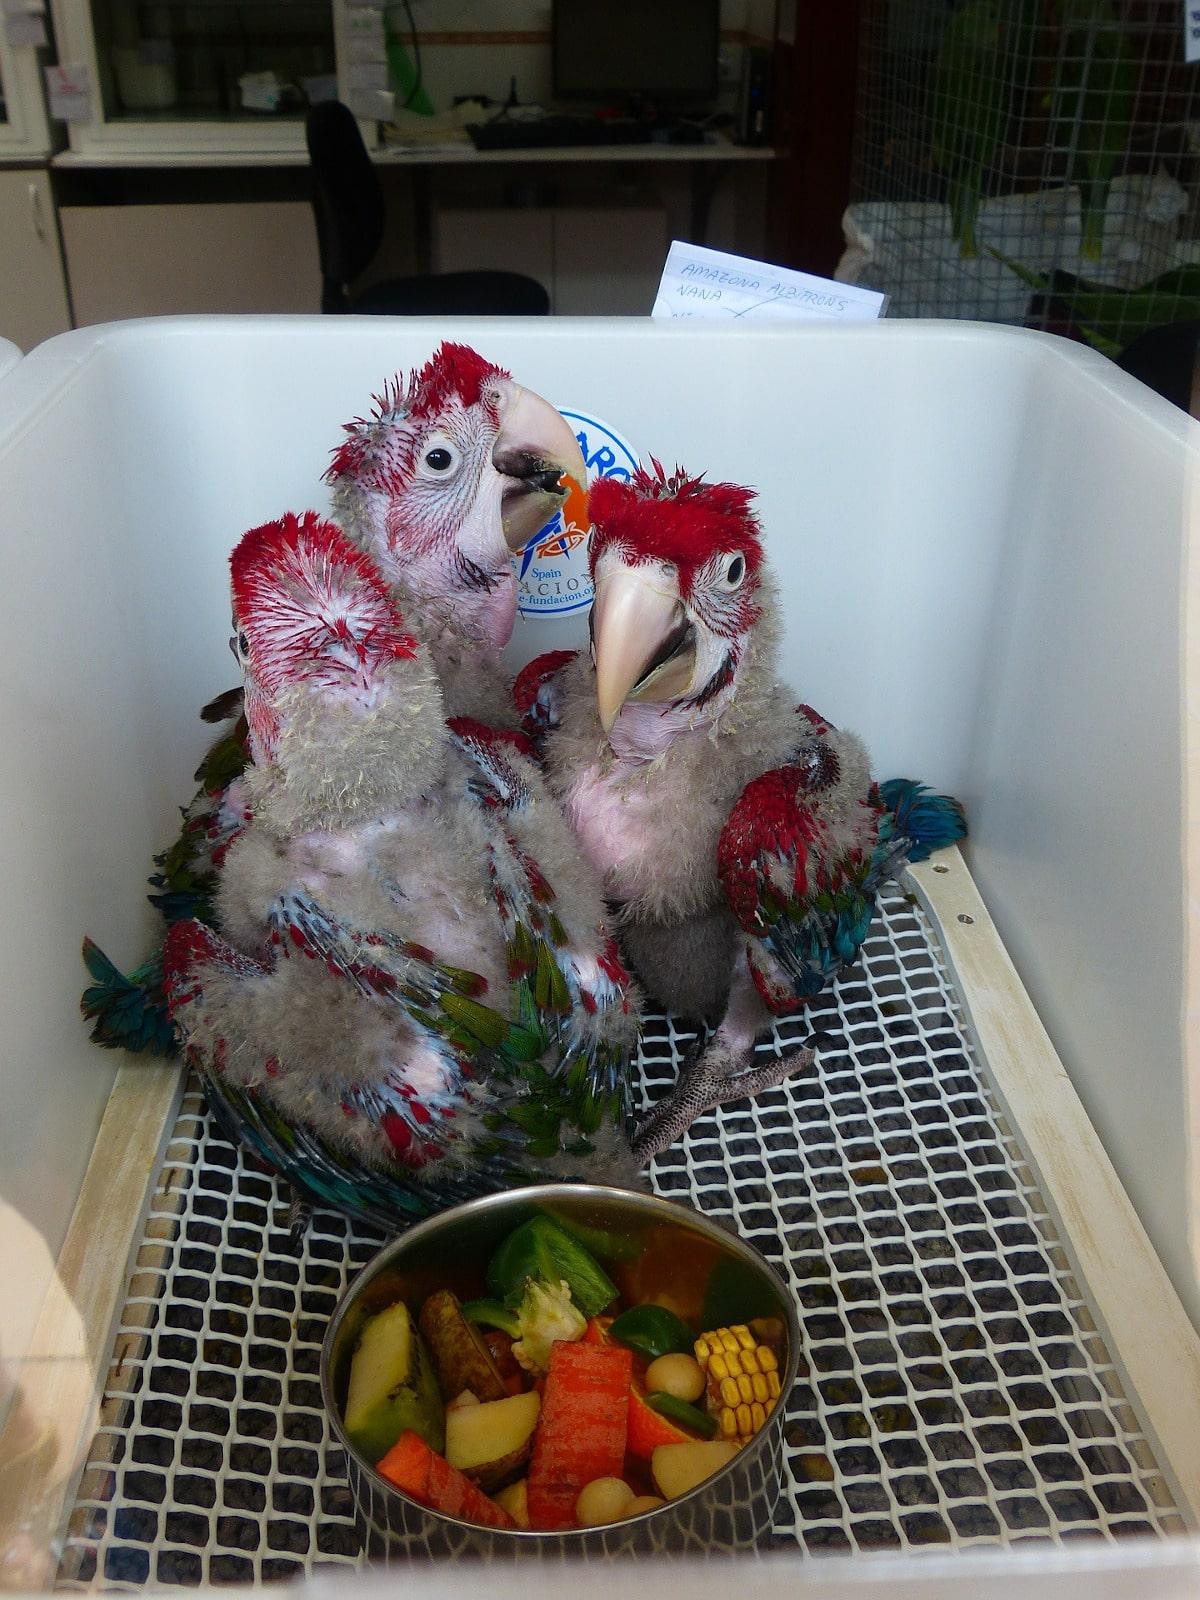 La alimentación del loro papillero